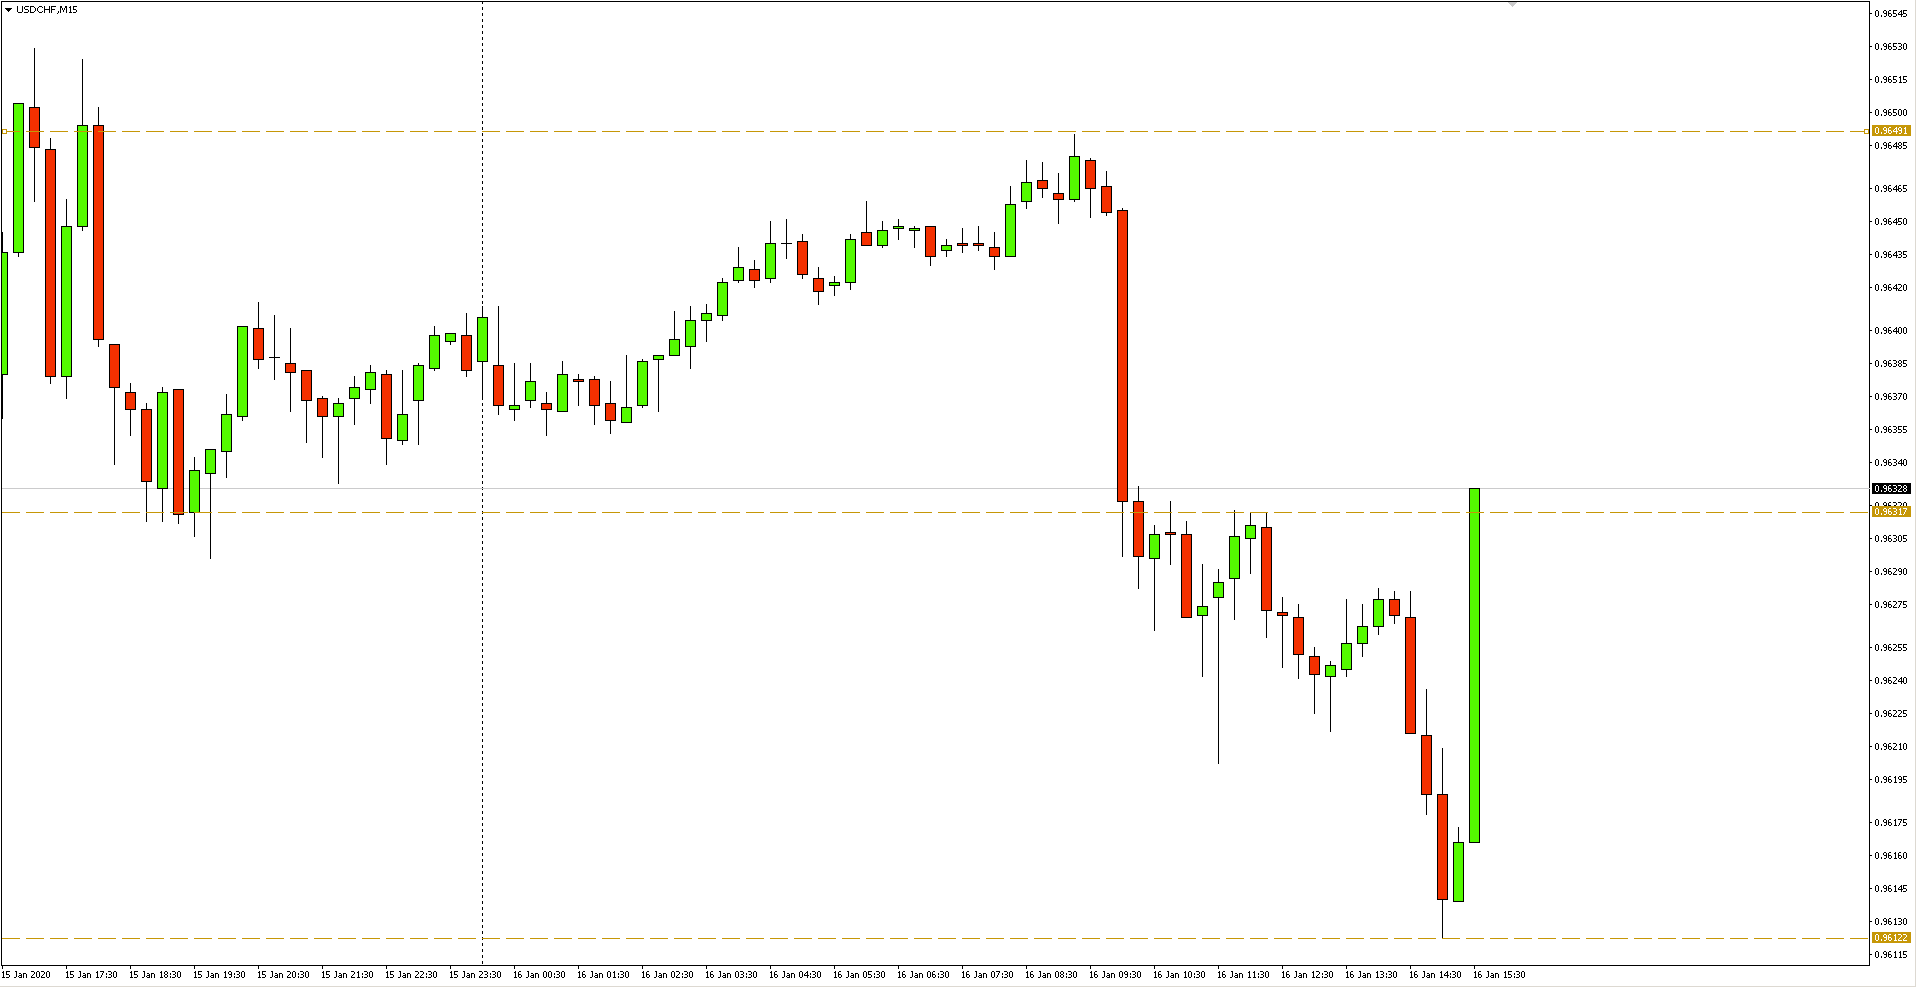 Wykres 15-minutowy pary walutowej USDCHF - 16.01.2020 r.